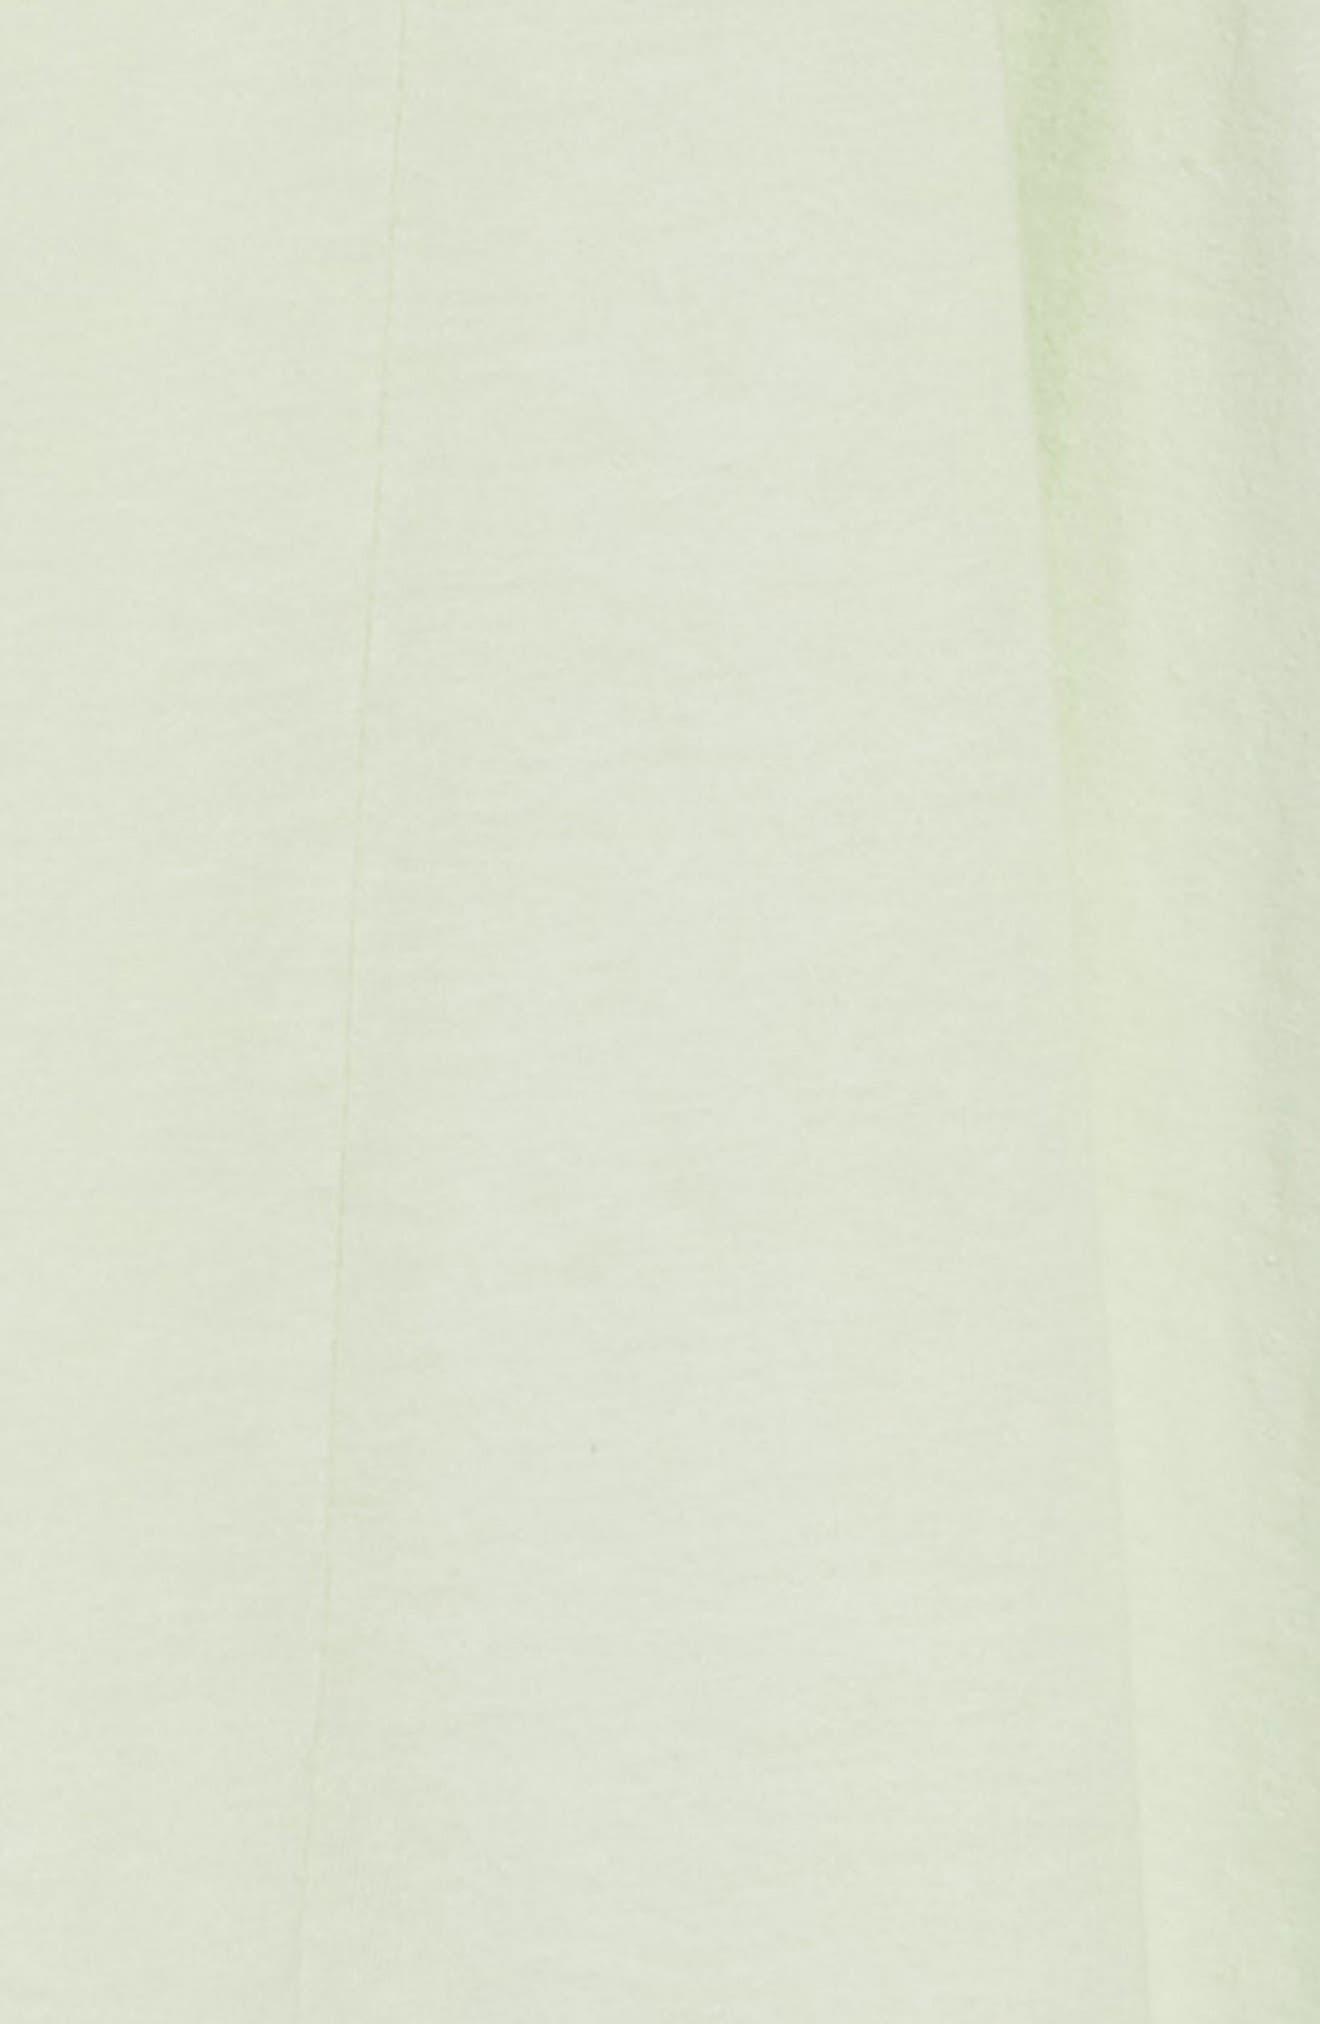 Cold Shoulder Swing Dress,                             Alternate thumbnail 3, color,                             300